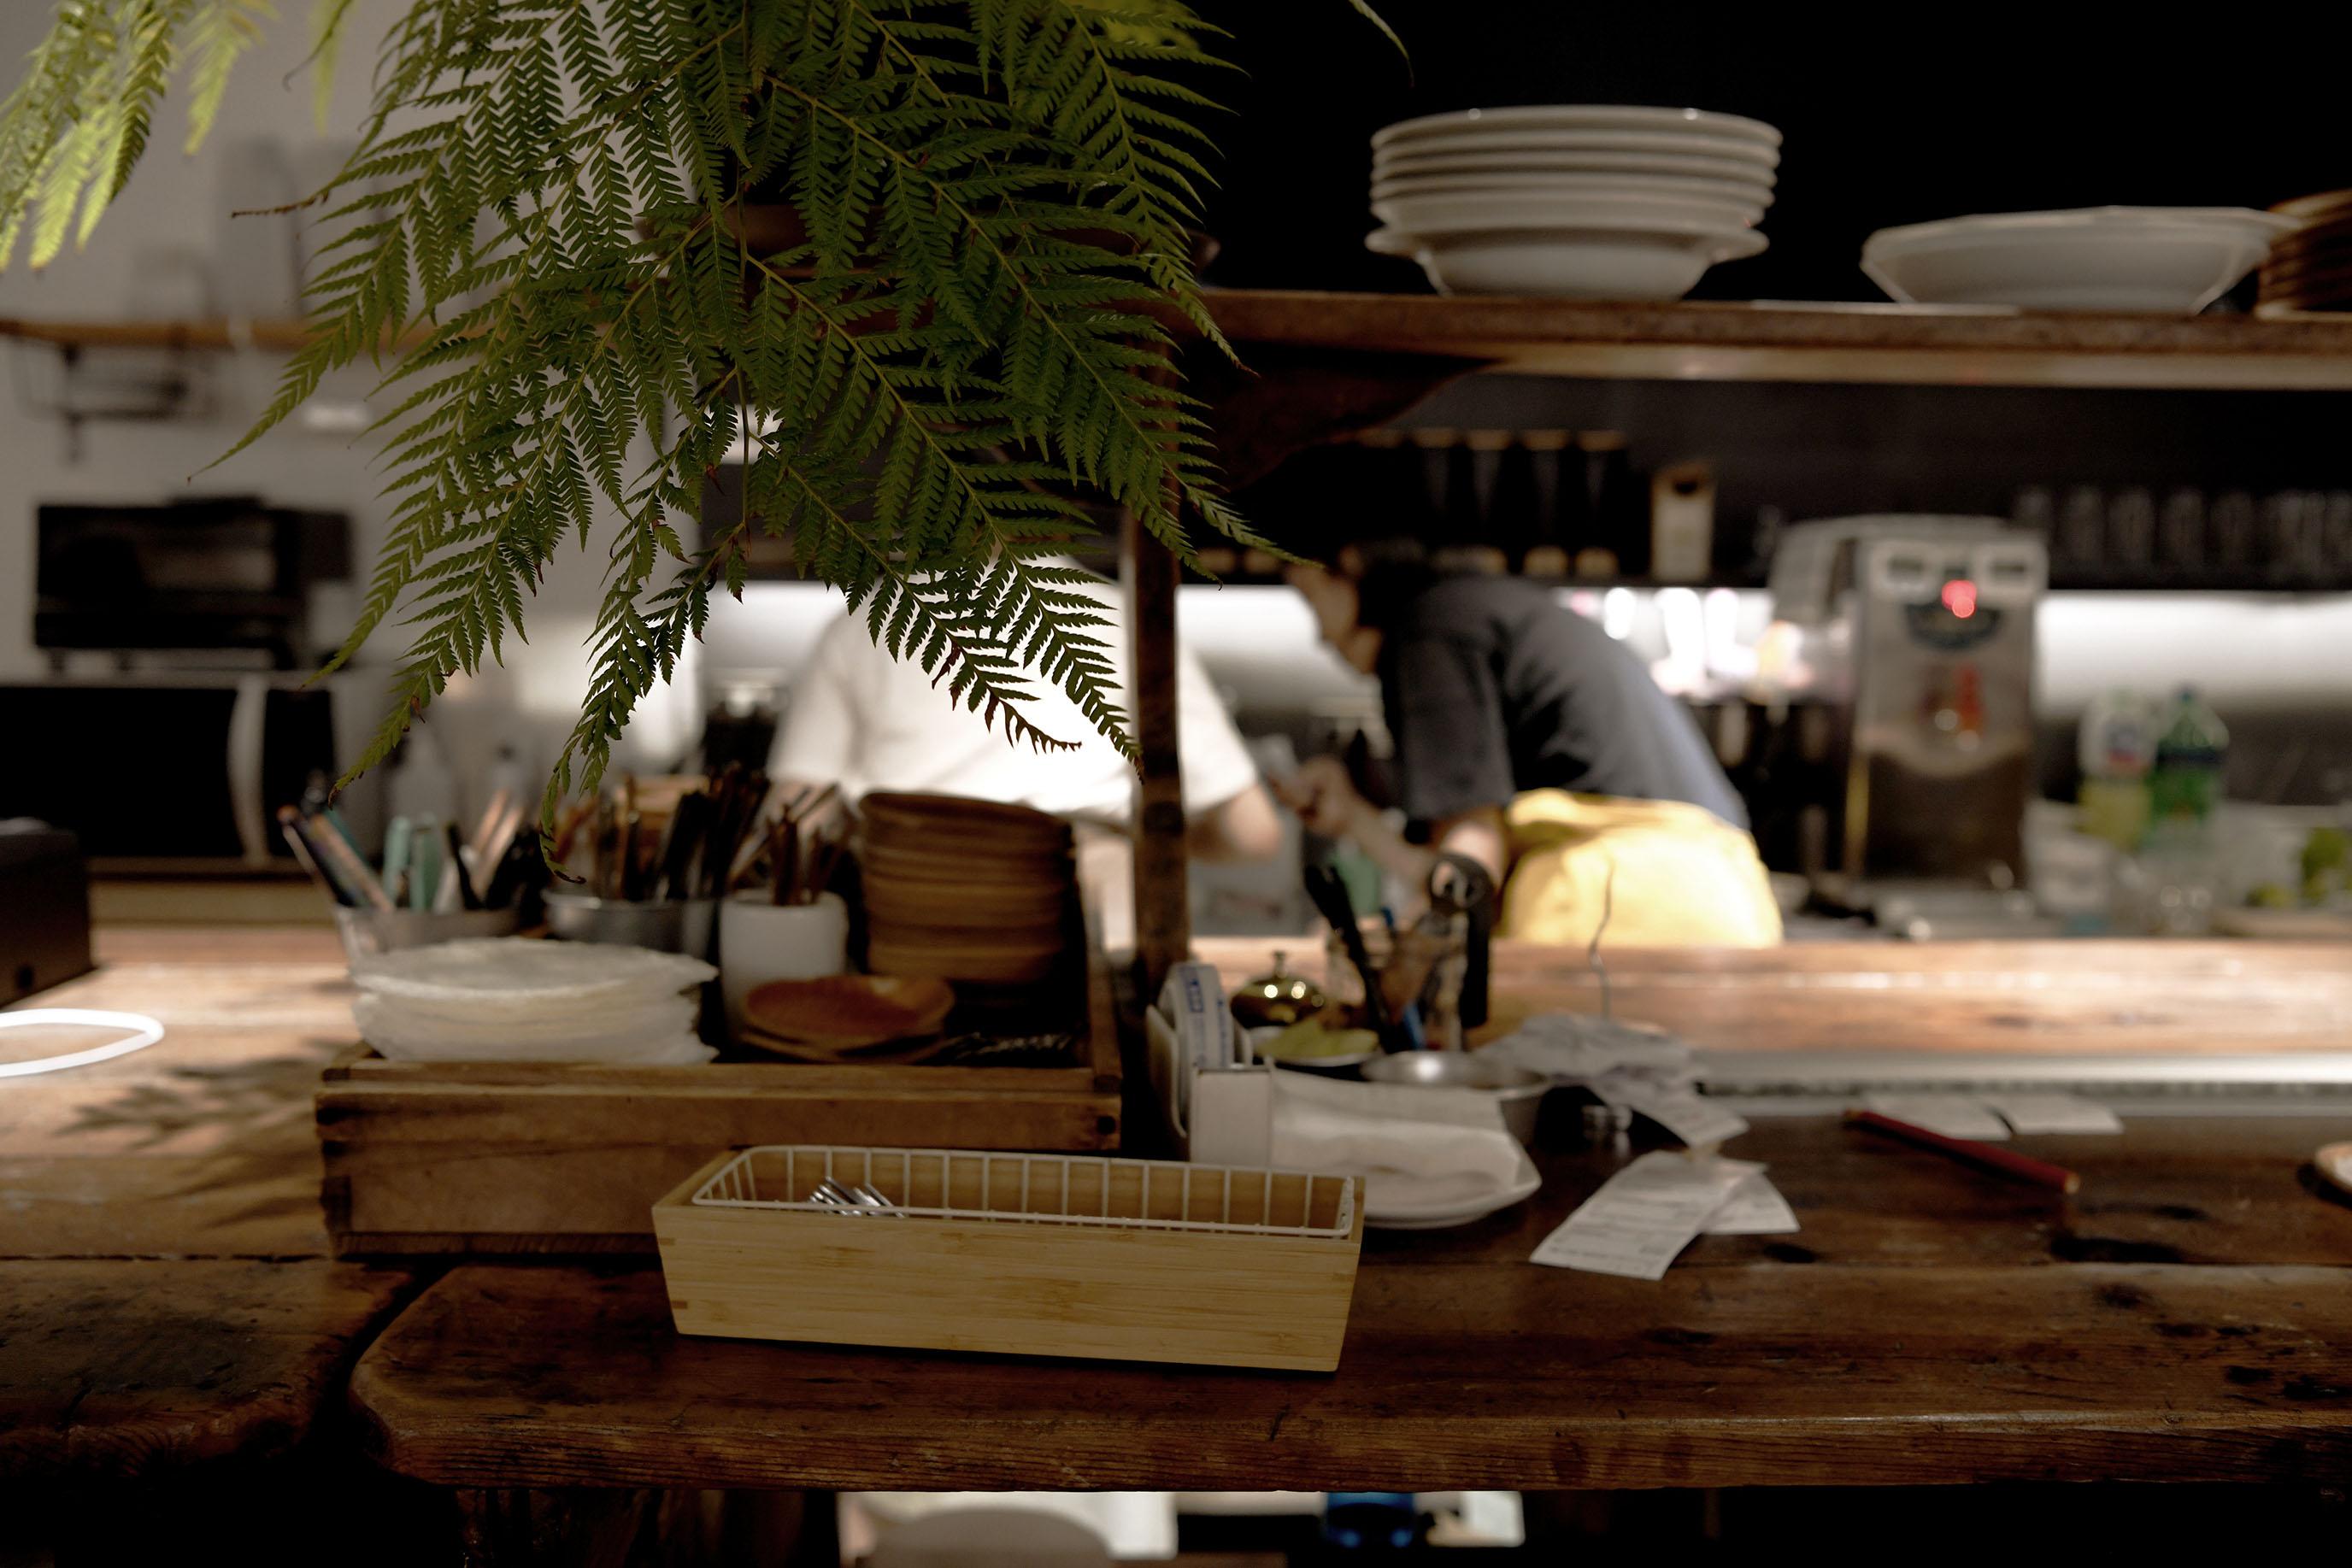 不變的,是每日端上桌同樣誘人的療癒甜點|Flügel studio